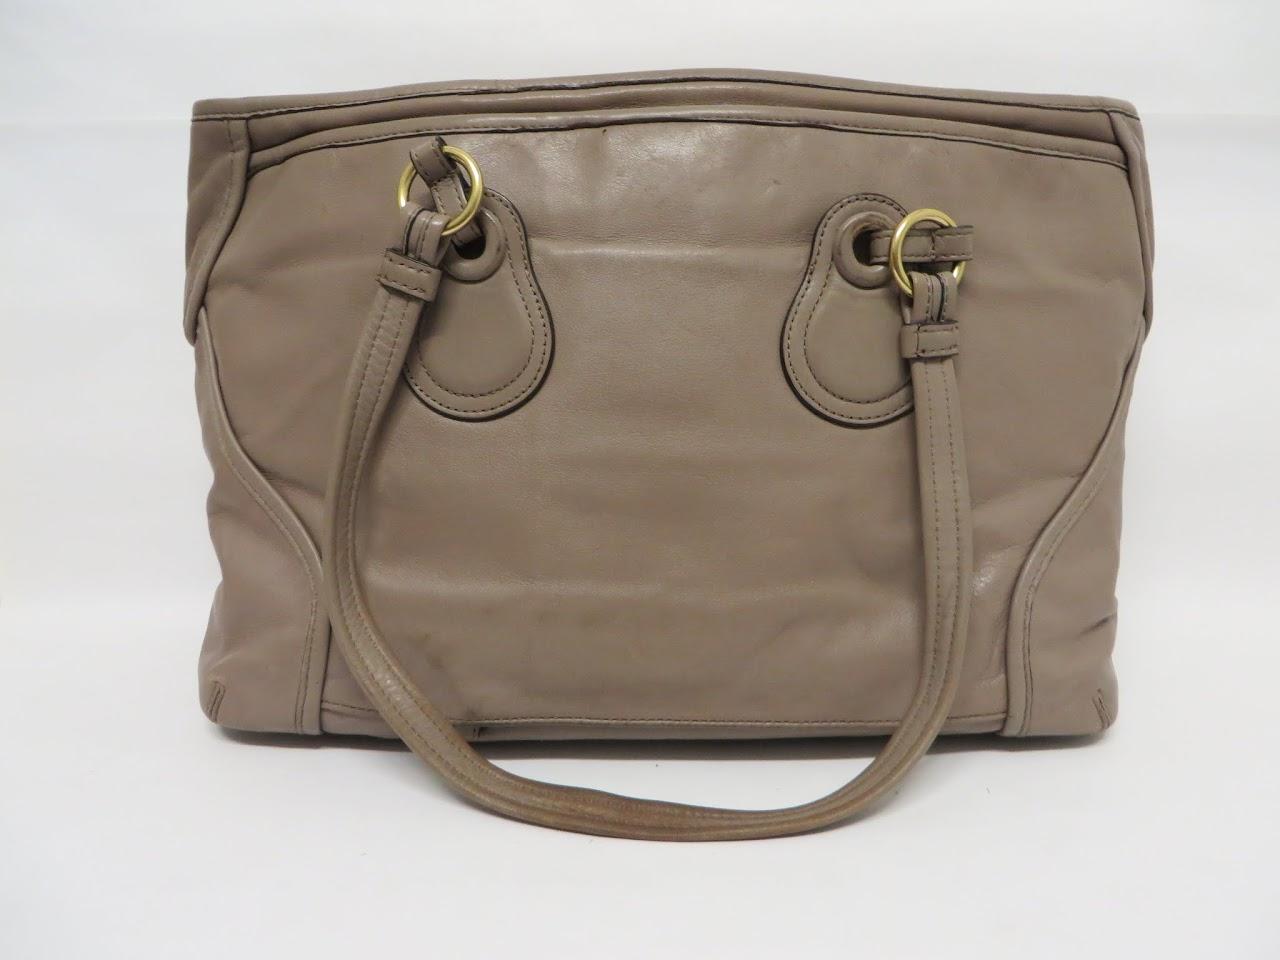 Tumi Shoulder Bag